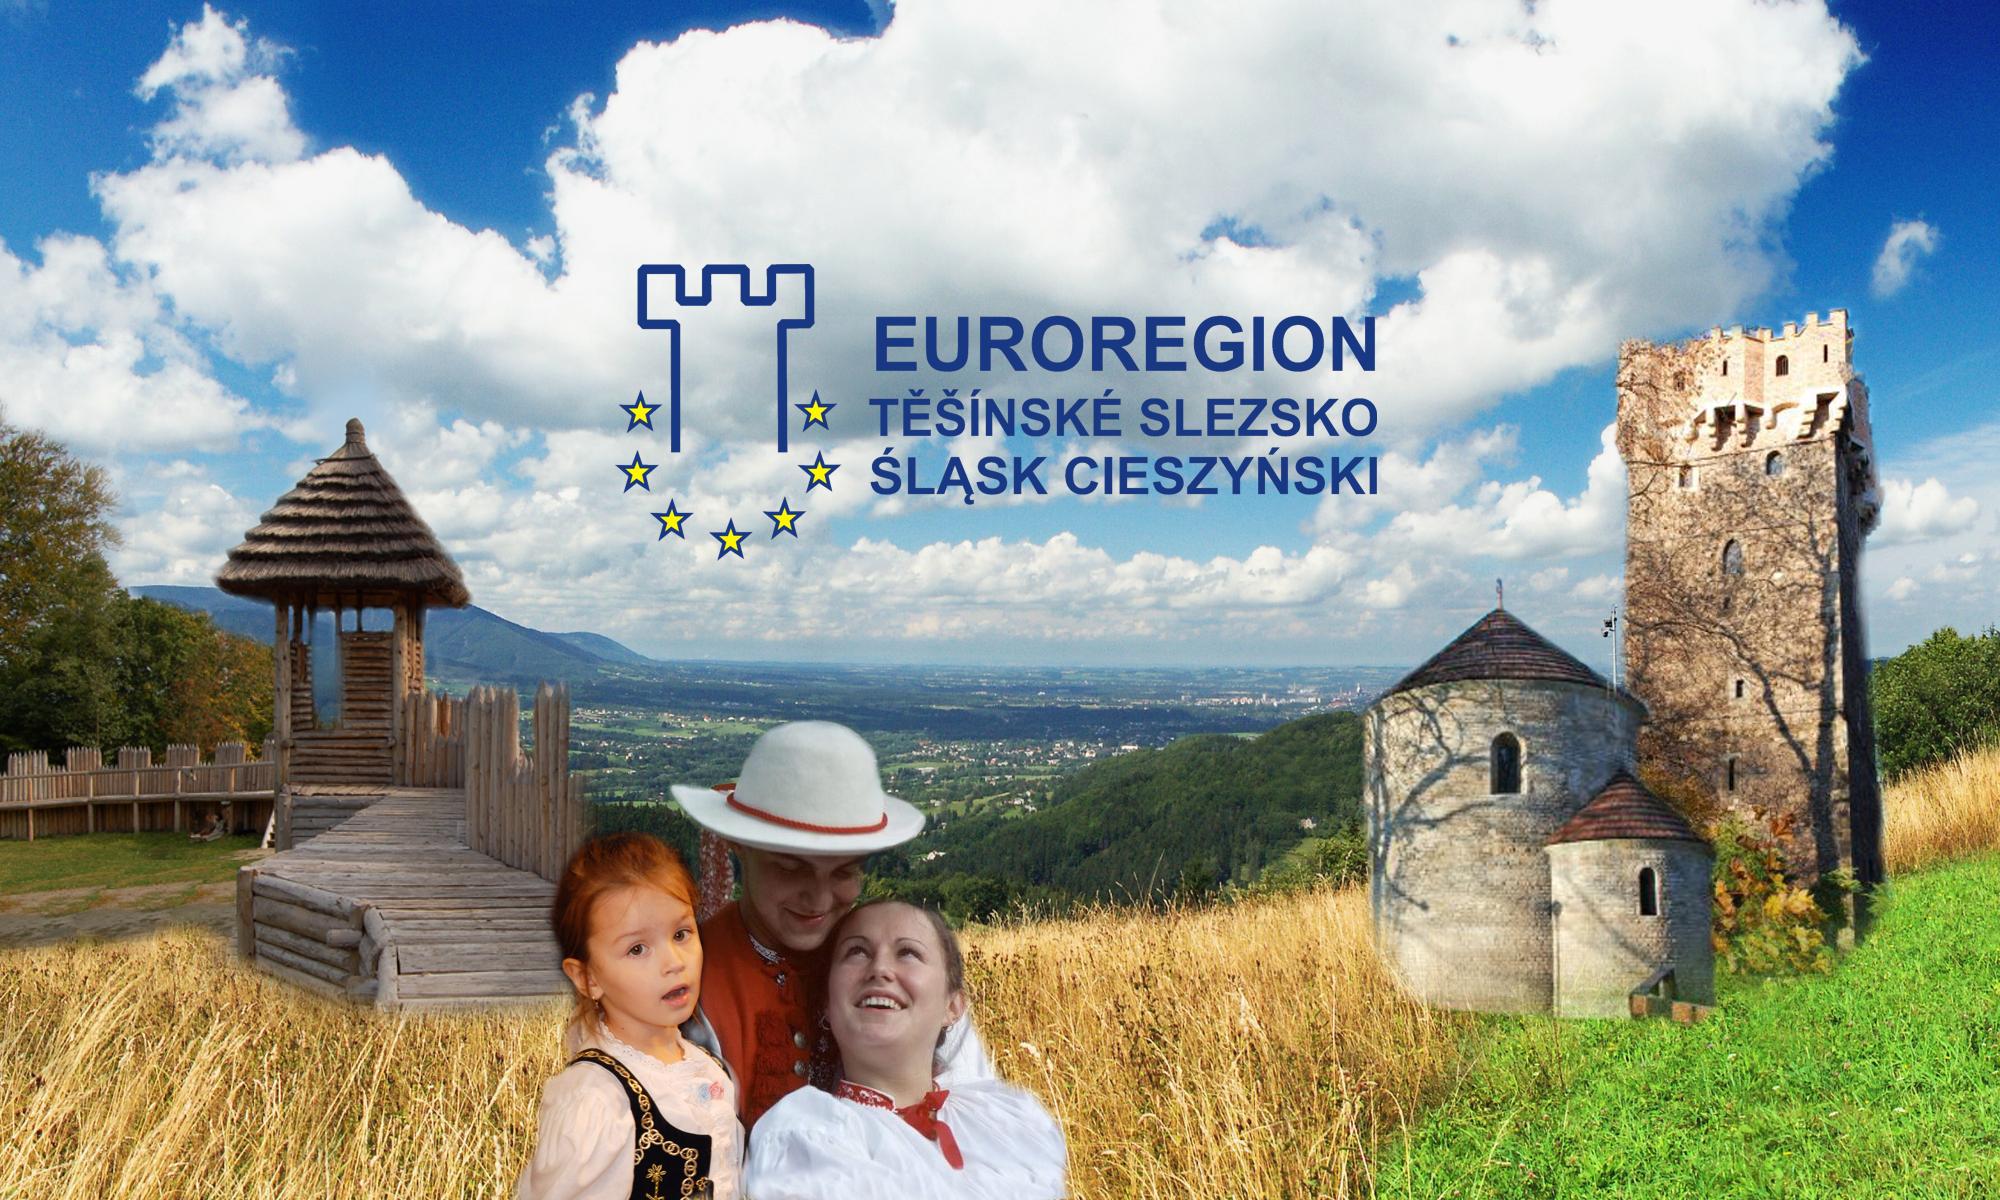 Euregio-Teschinensis